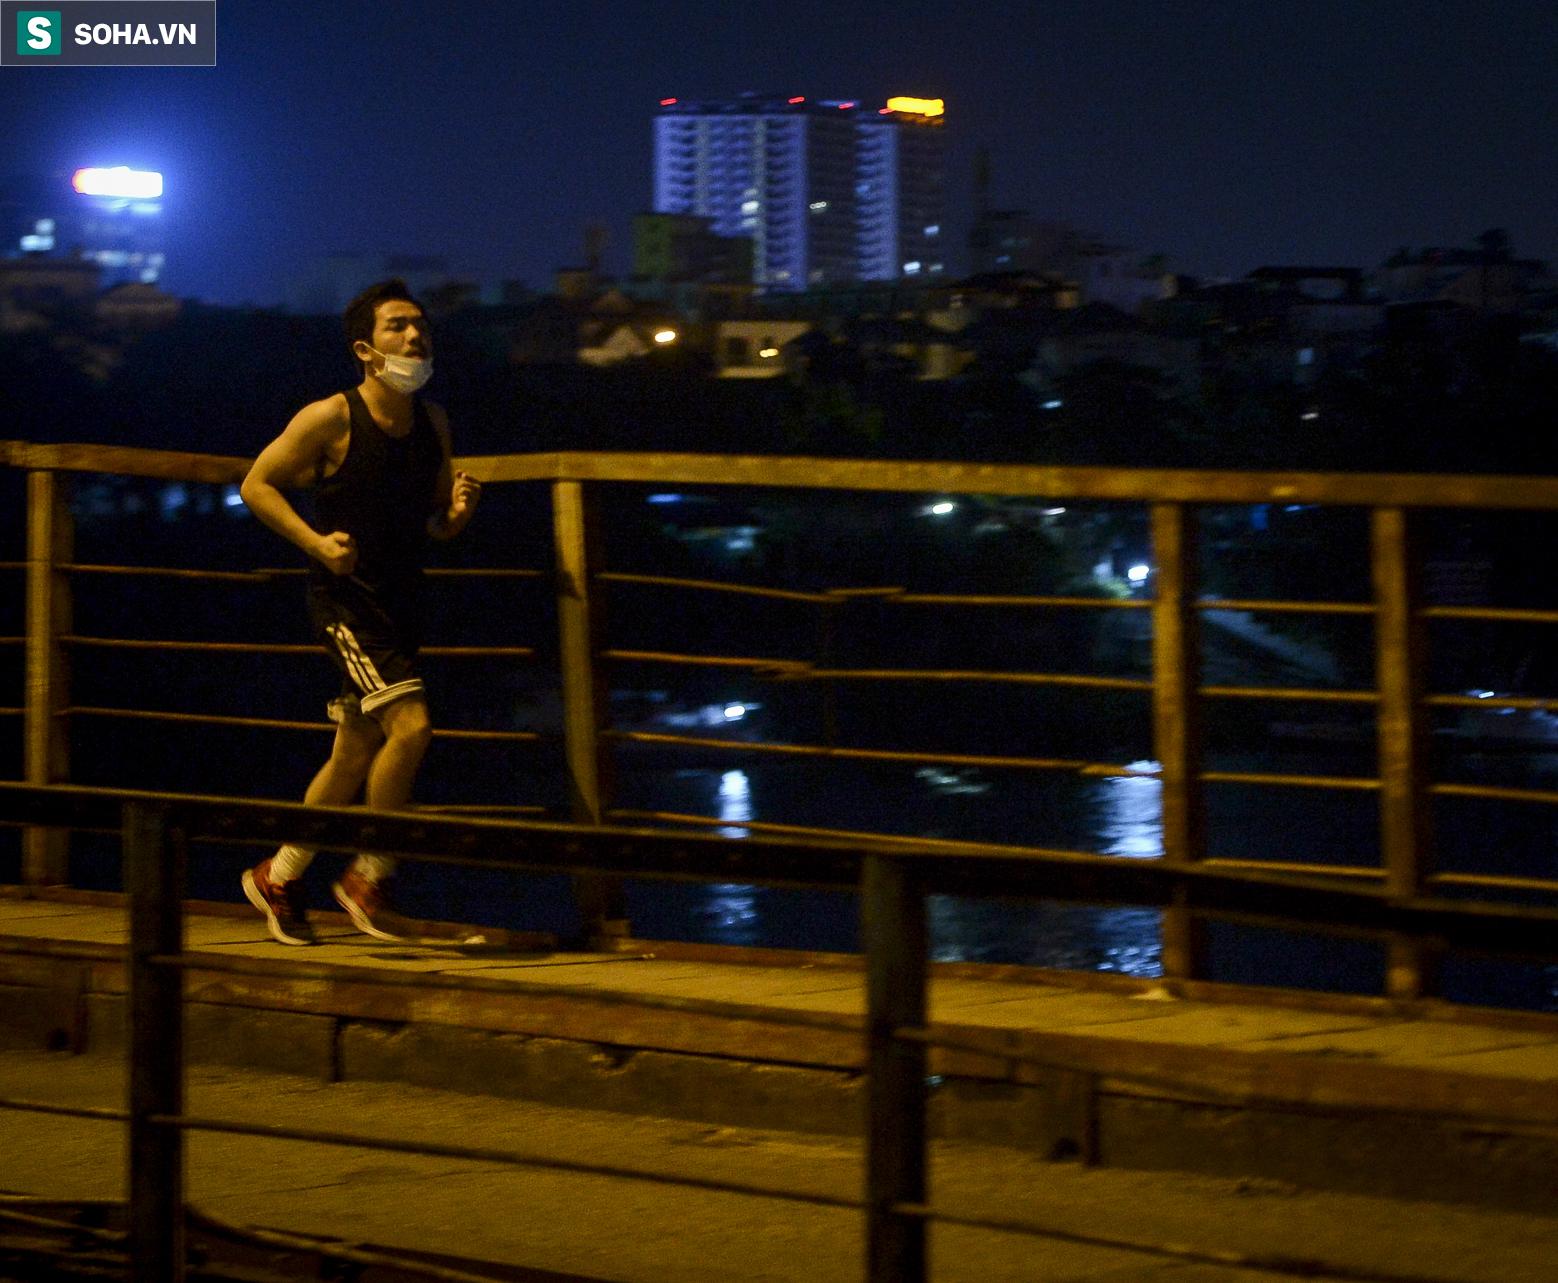 Hà Nội: Nam thanh nữ tú thản nhiên lên cầu Long Biên tâm sự, chụp ảnh, hóng mát bất chấp giãn cách xã hội - Ảnh 9.